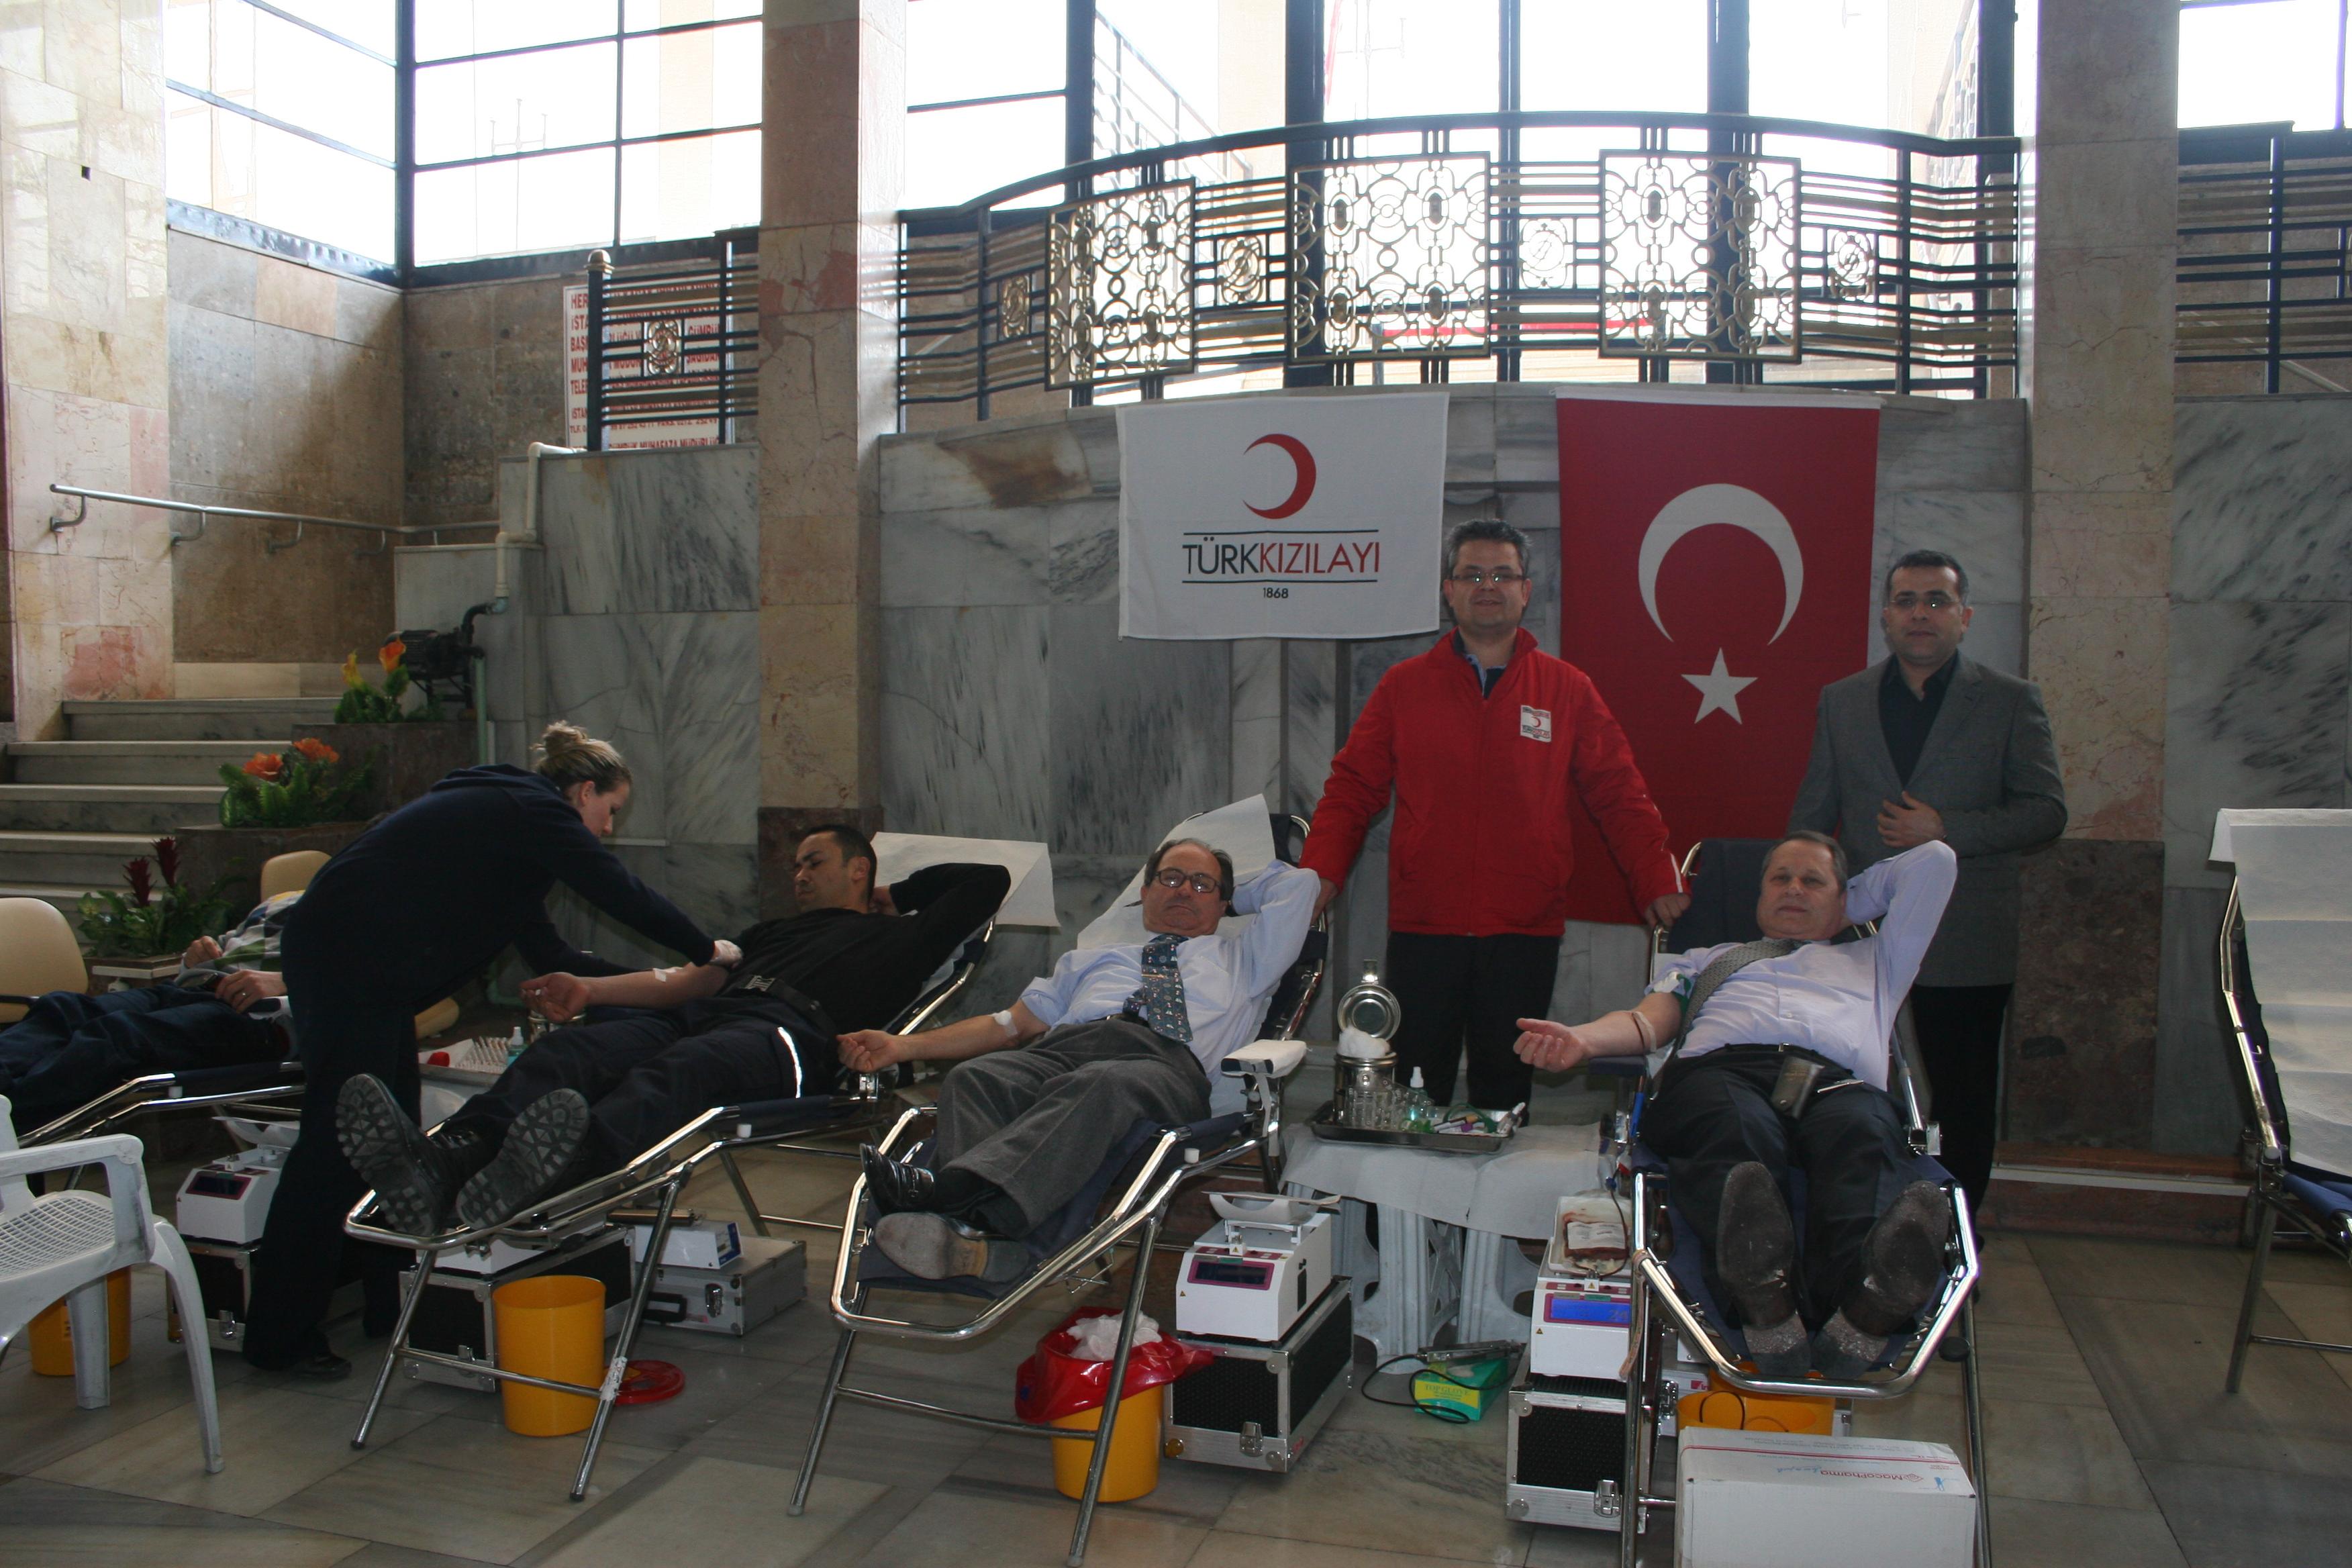 Karaköy Limanı kan bağışladı